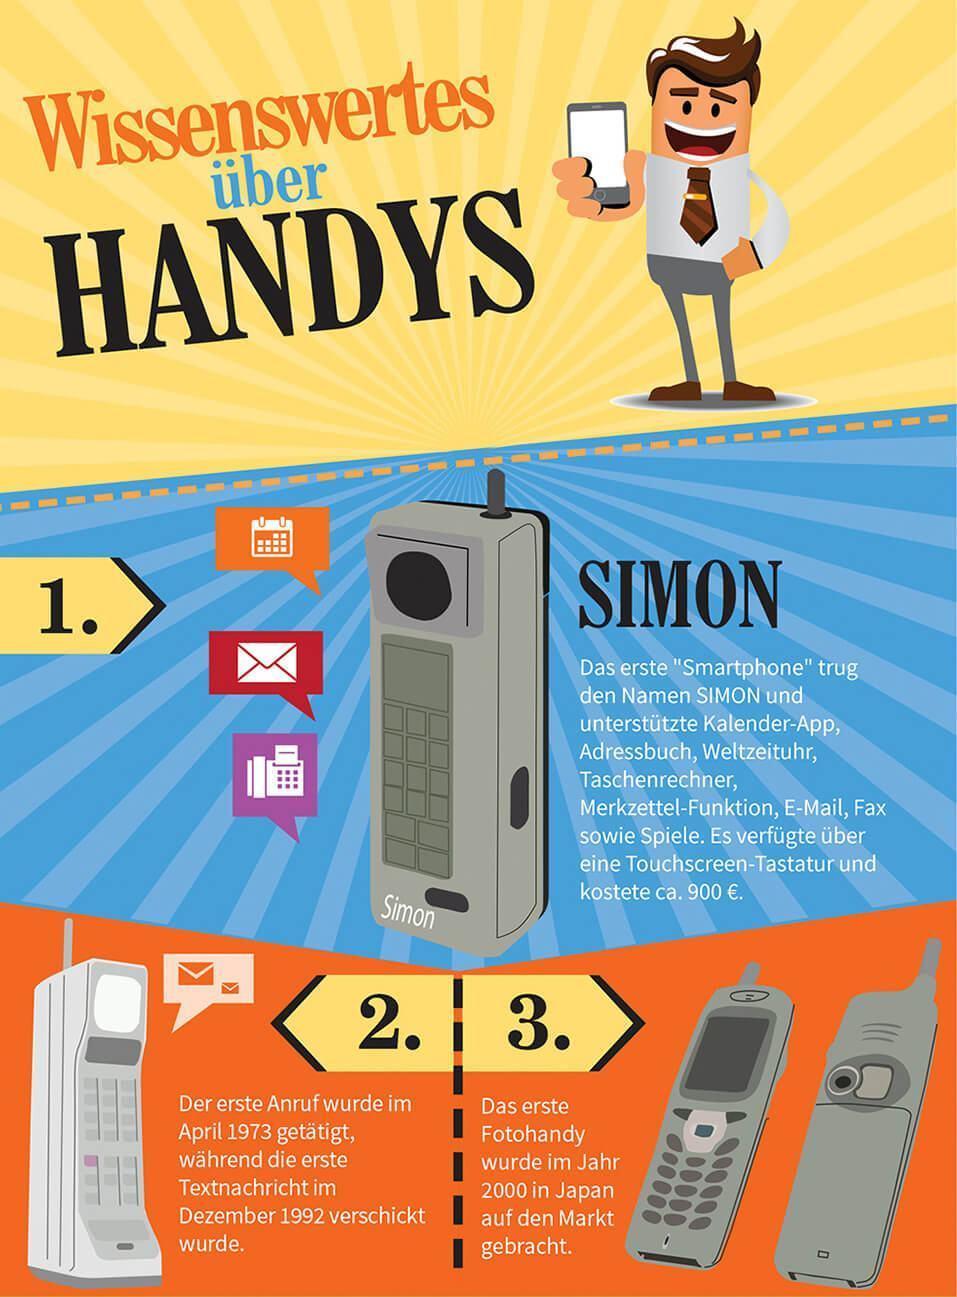 Exkurs: Verblüffende Fakten über Handys und Smartphones, die Du kennen solltest 3 techboys.de • smarte News, auf den Punkt! Exkurs: Verblüffende Fakten über Handys und Smartphones, die Du kennen solltest